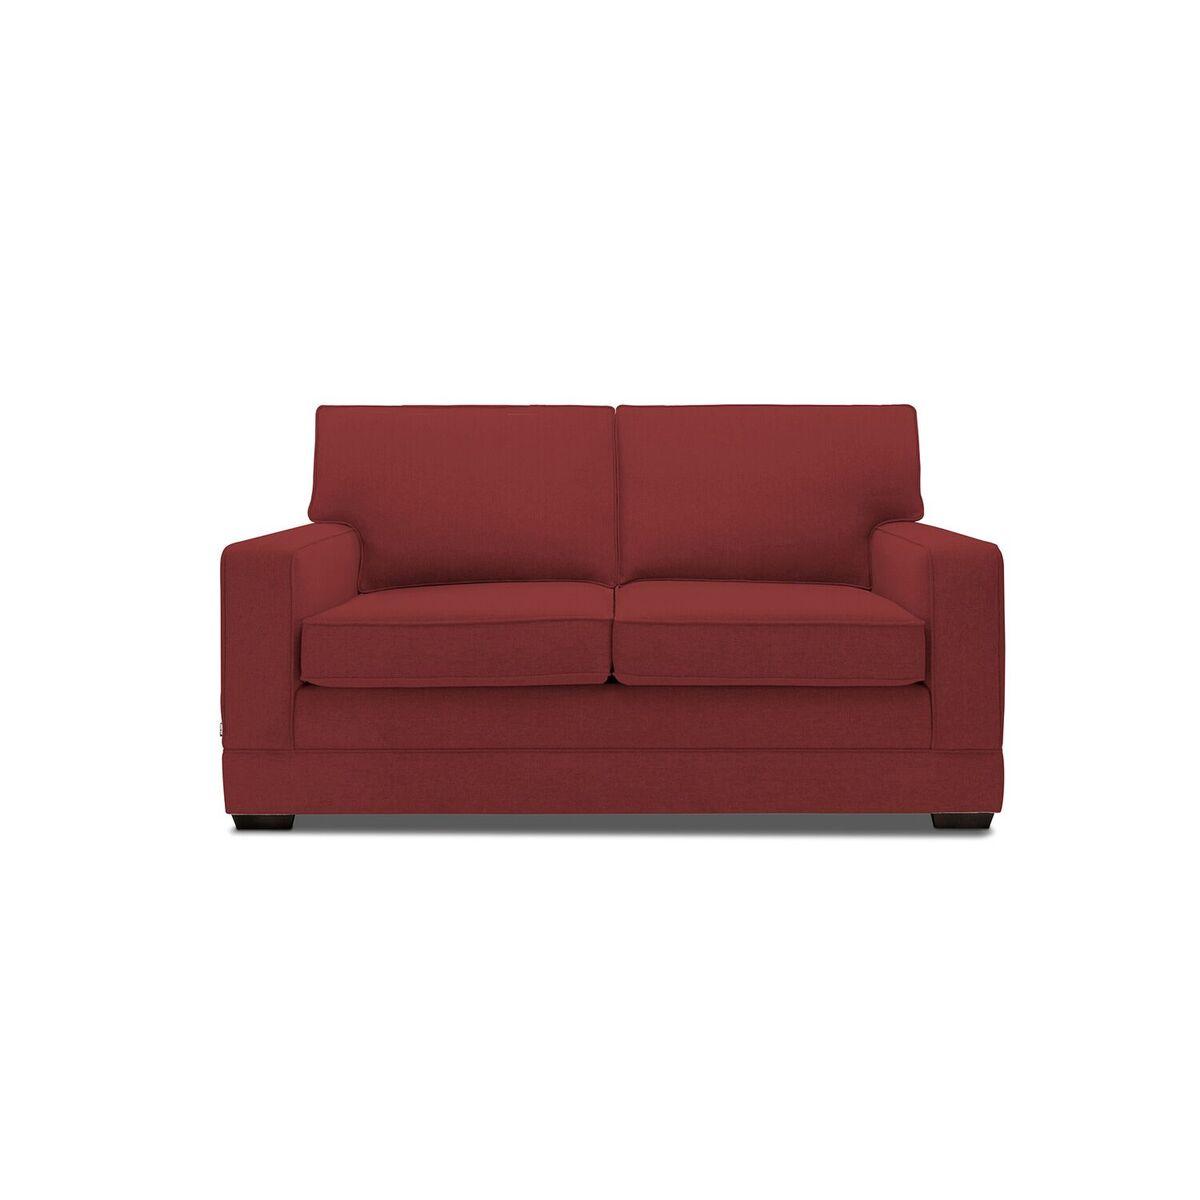 Modern Pocket Sofa Bed Cranberry